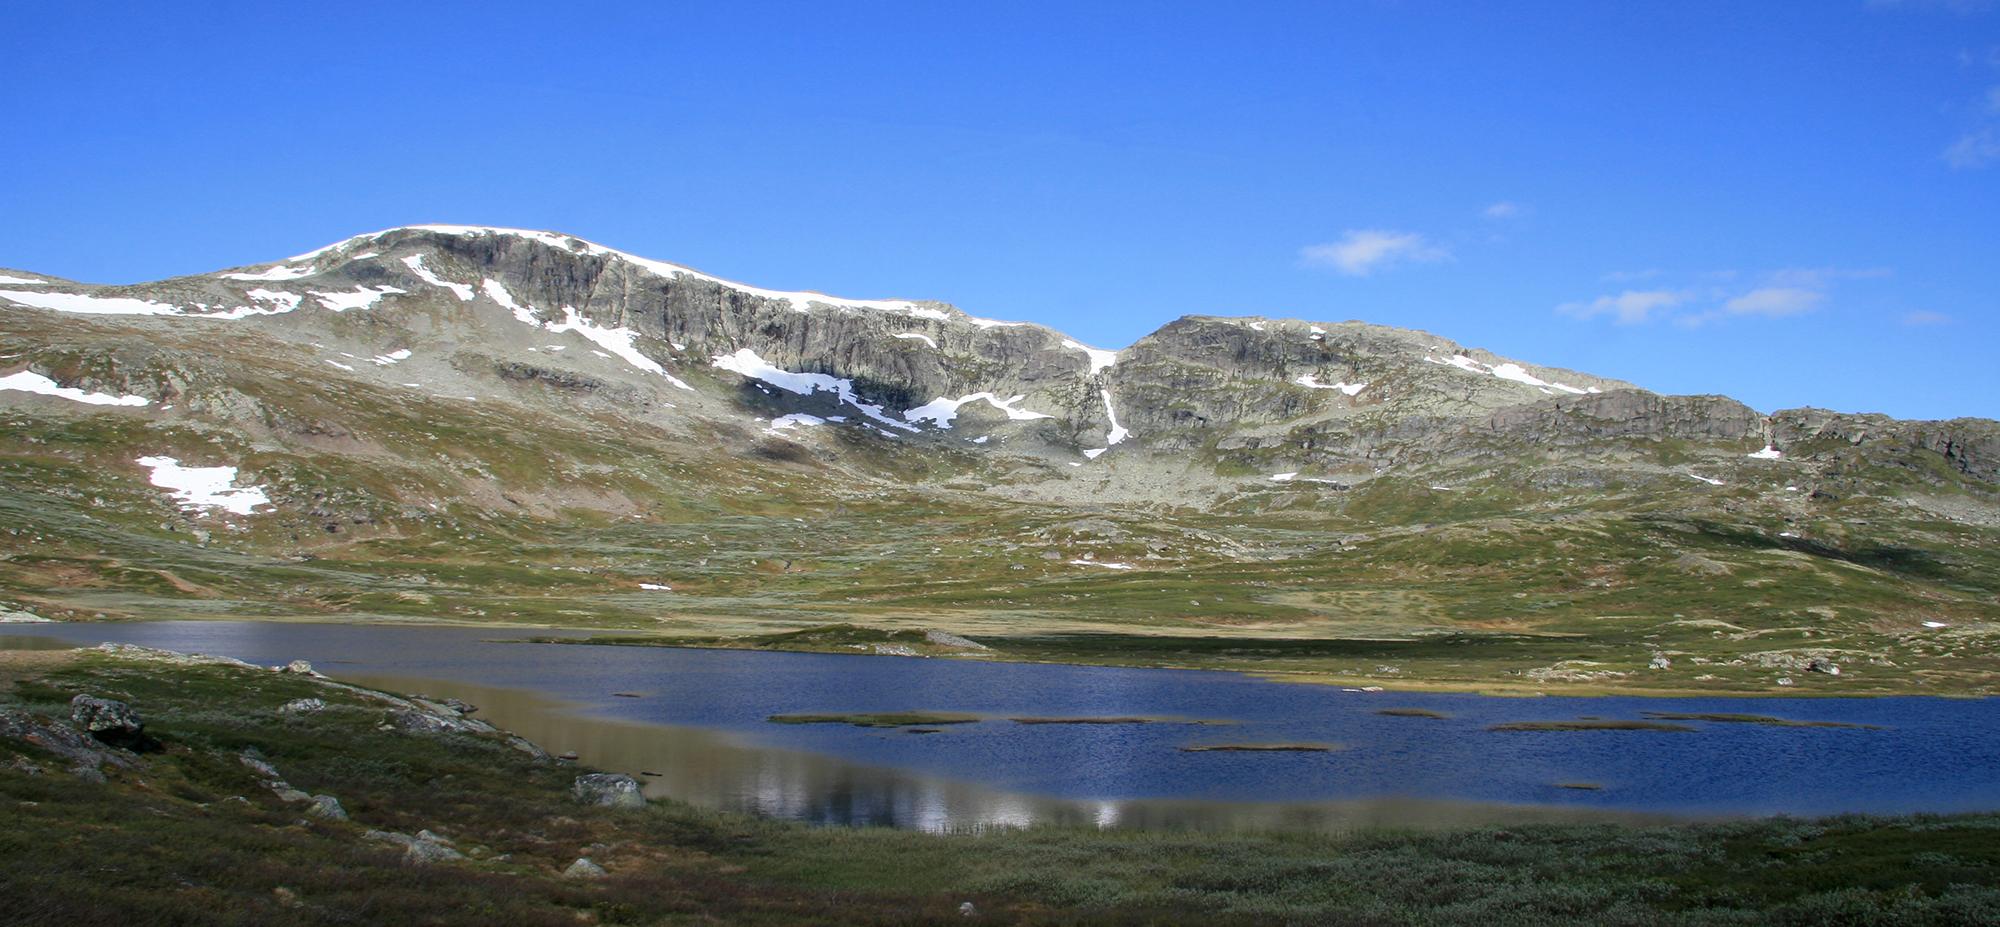 Område aust for Hallingskarvet i Hol kommune. Foto: Anders Mossing